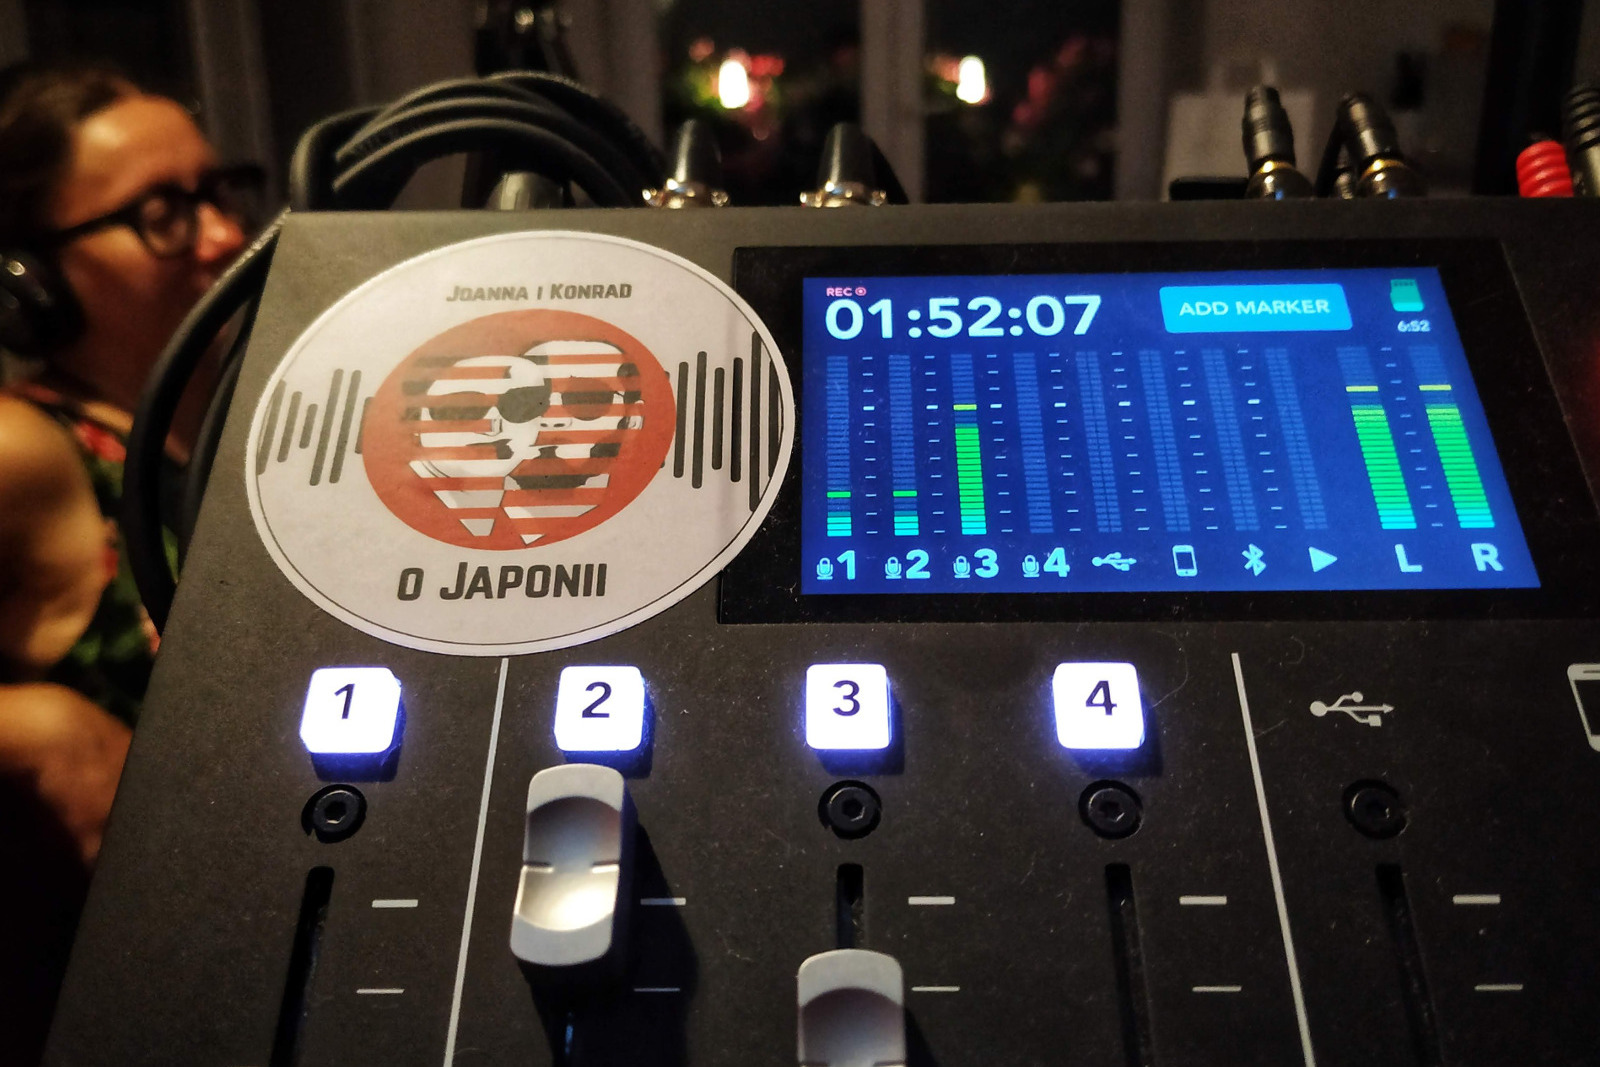 Najlepszy podcast oJaponii. Podcast opodróżach doJaponii ipodróżach poJaponii. Podcast podróżniczy. Kulinarny podcast okuchniach Azji.